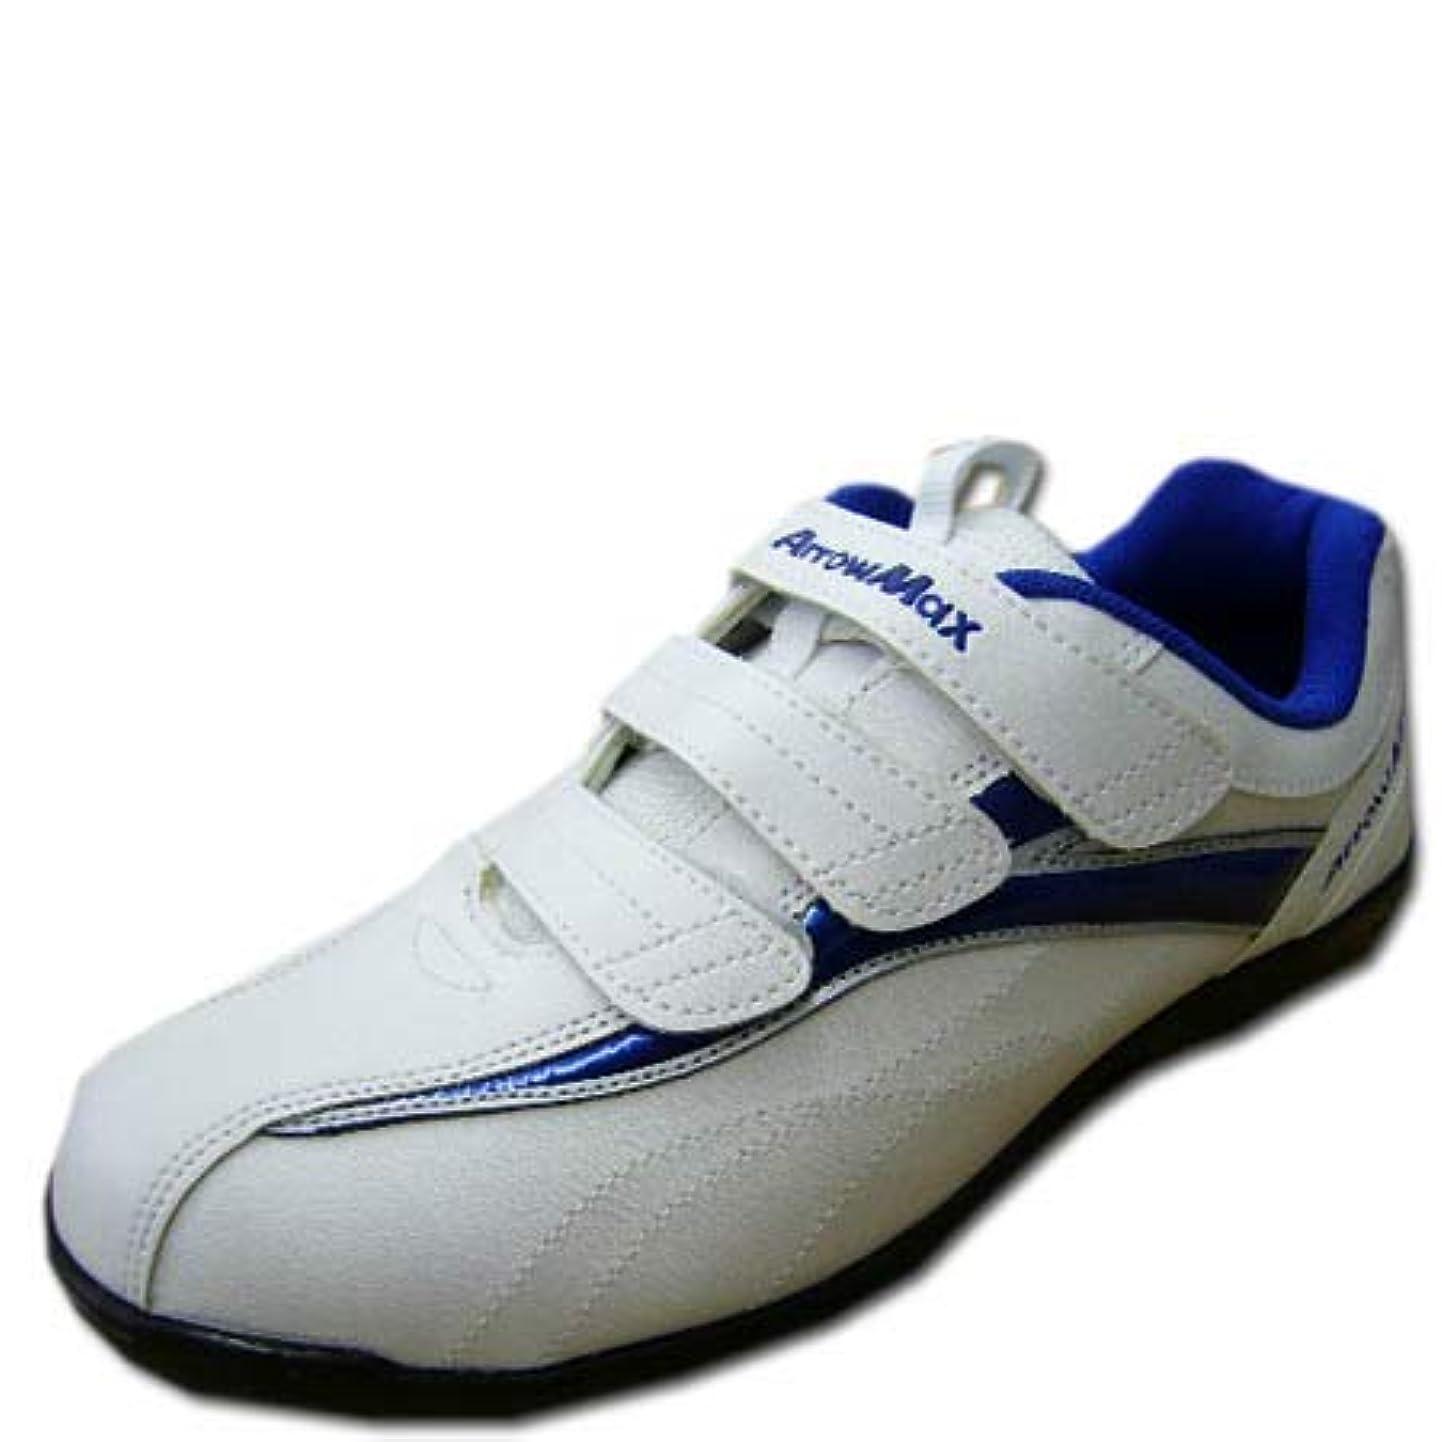 バーチャルプロトタイプ手紙を書く安全靴 スニーカー マジックテープ 軽量 アローマックス #61 セーフティーシューズ 青